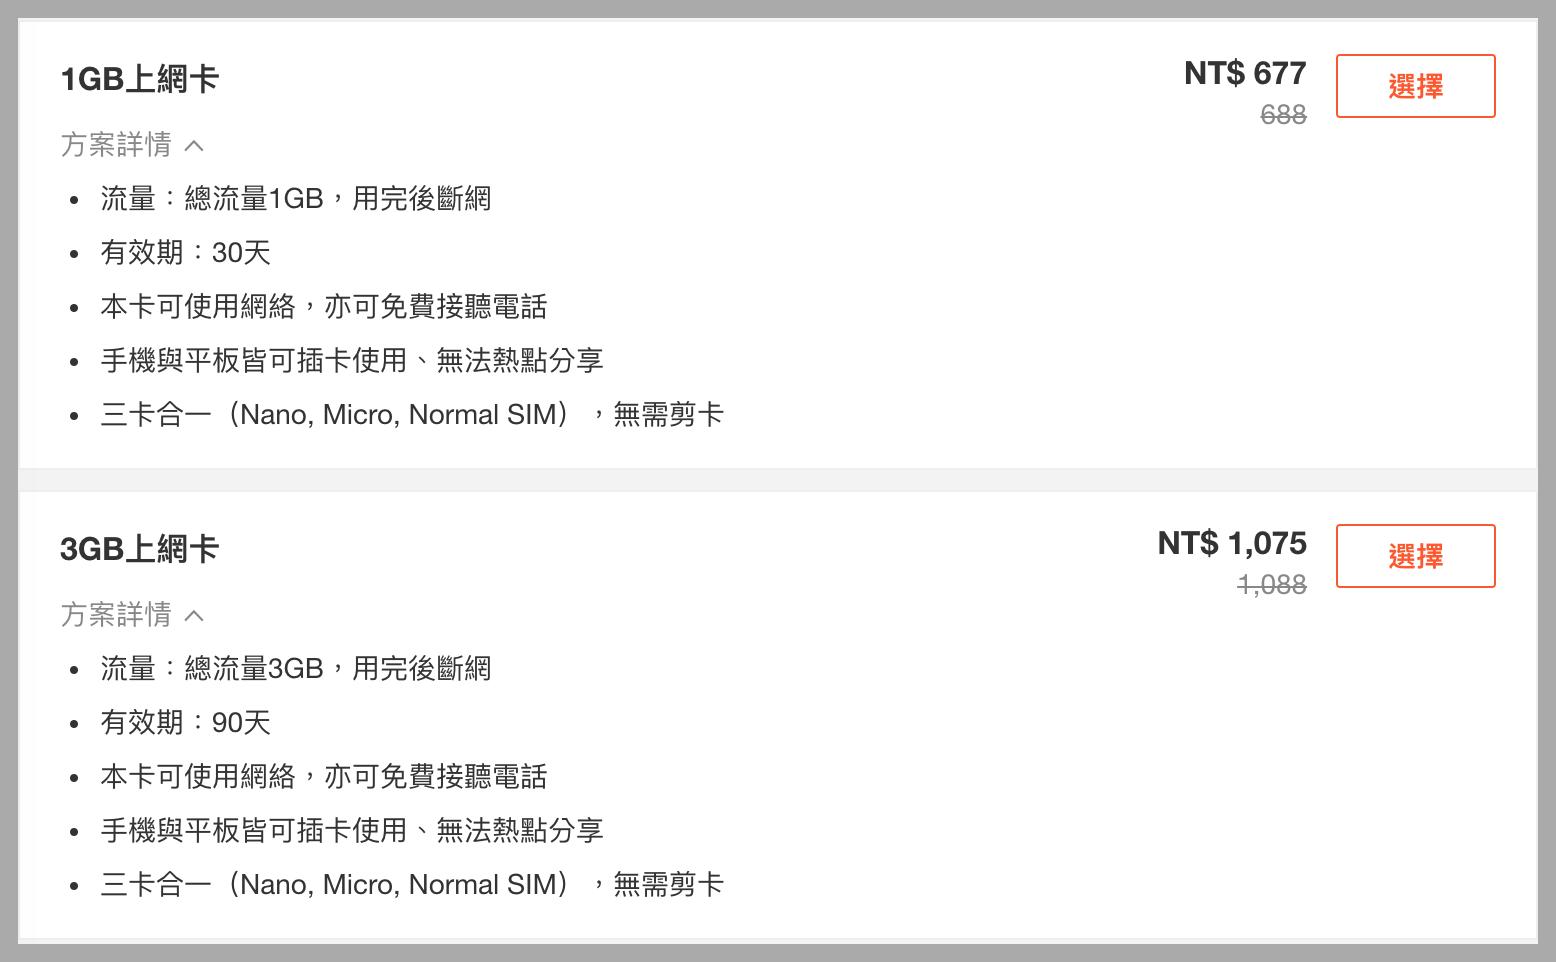 歐洲上網推薦 跨國Sim卡 歐洲旅遊必備上網卡 - 蔡小妞依玲